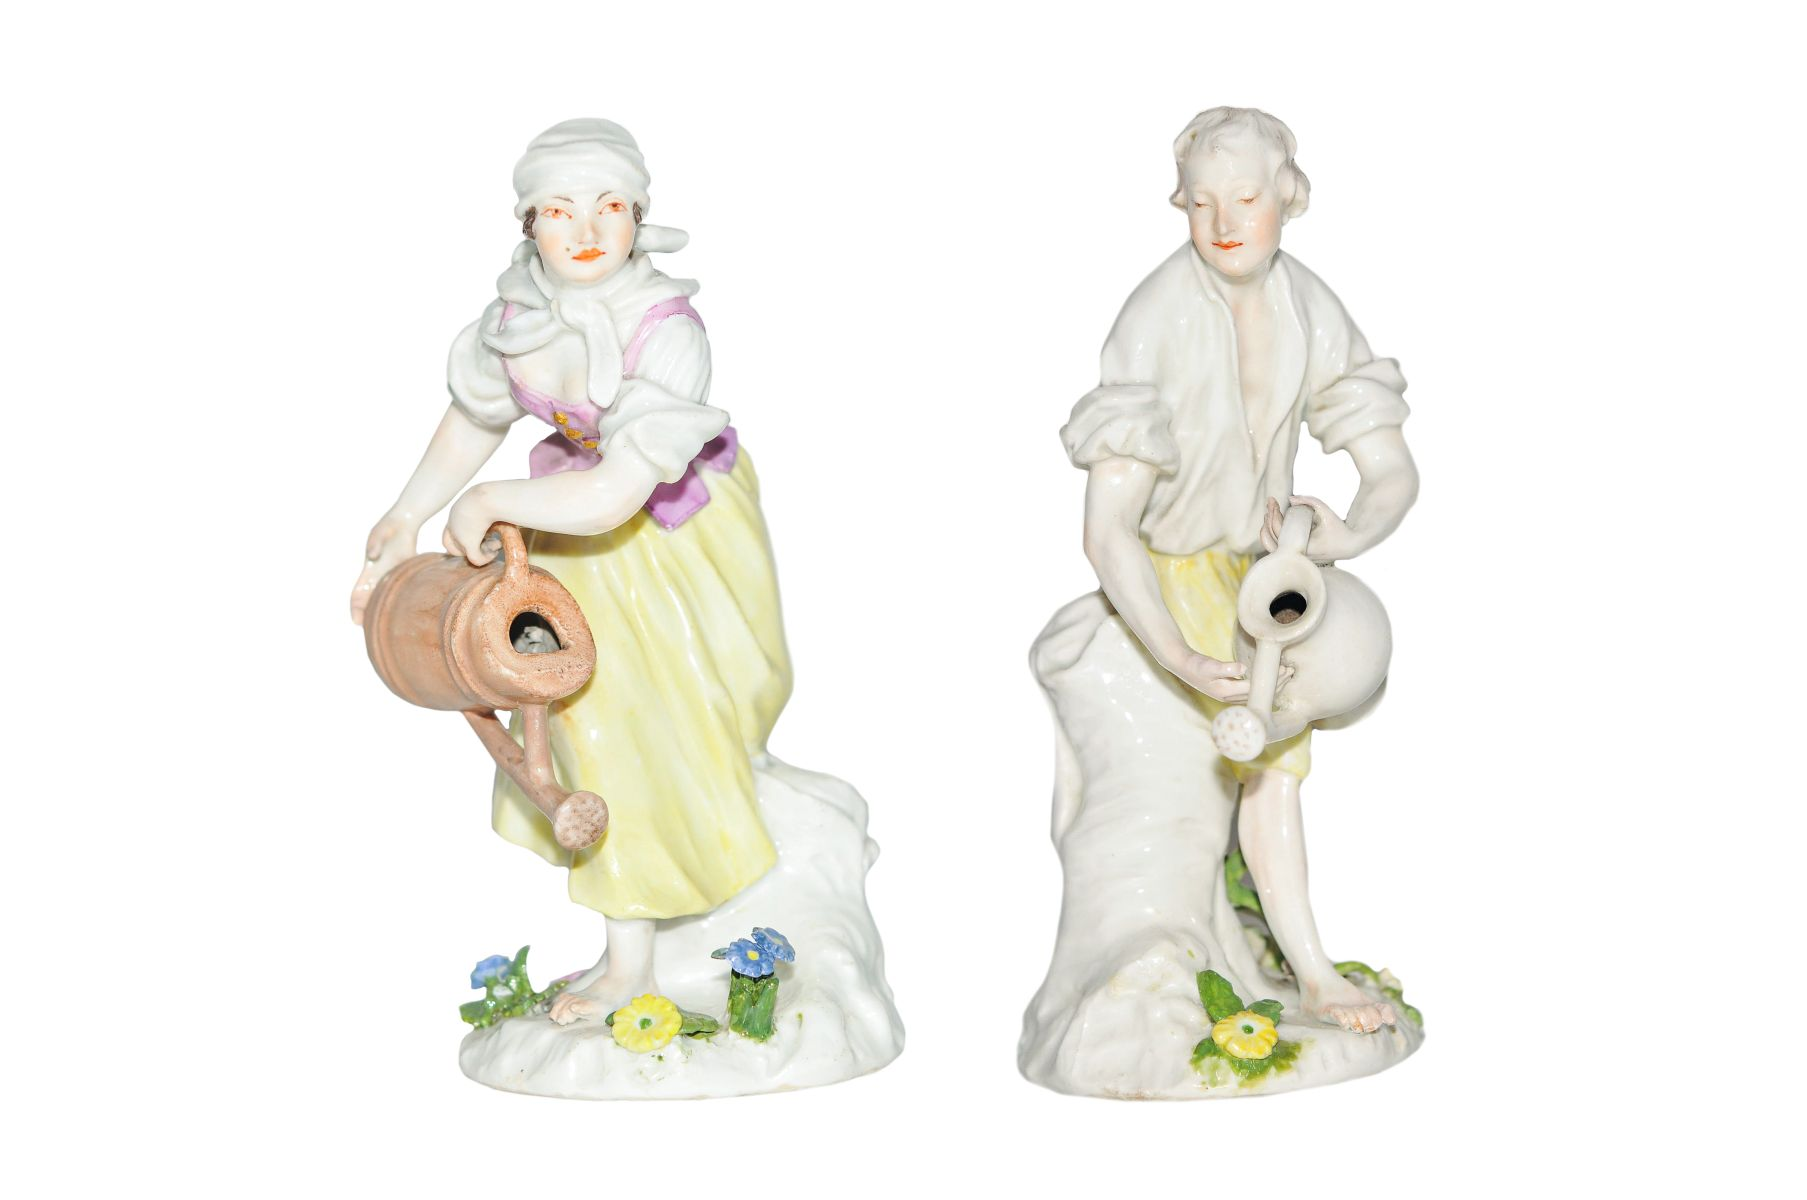 #136 2 figures gardener with waterpots Meissen 1750 | 2 Figuren Gärtner und Gärtnerin mit Wasserkannen Meissen 1750 Image